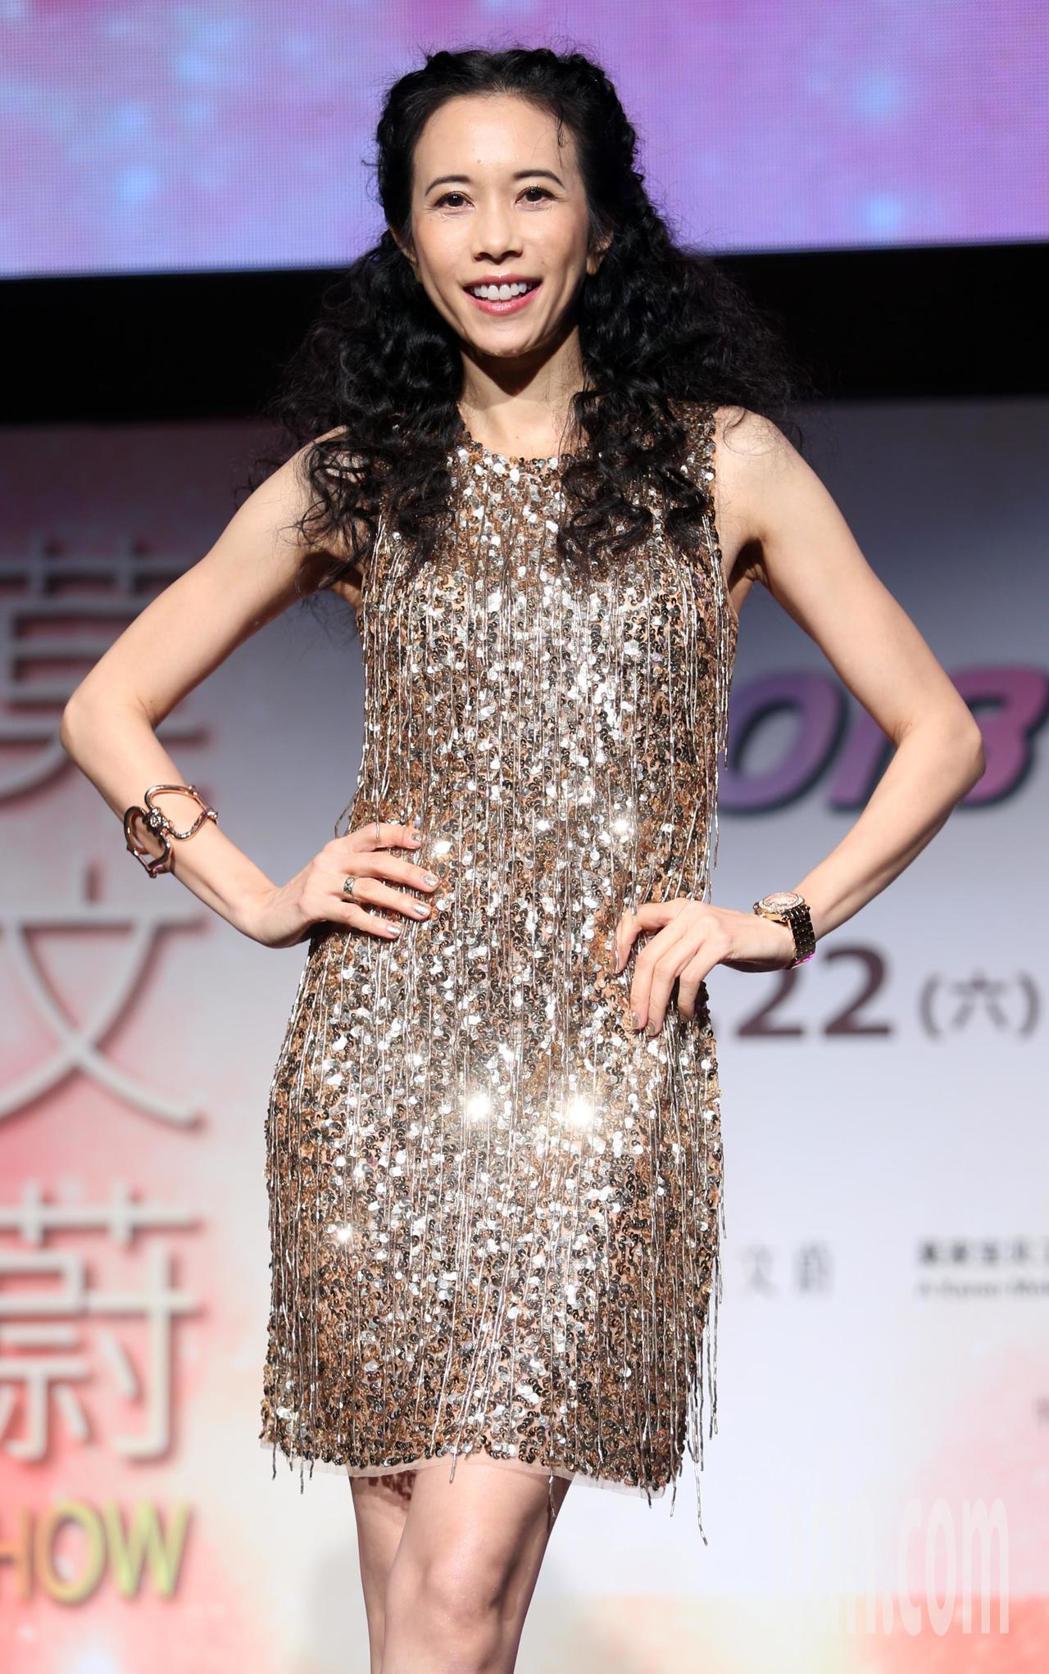 莫文蔚創下香港女藝人在台北小巨蛋開場最多次紀錄。記者侯永全/攝影